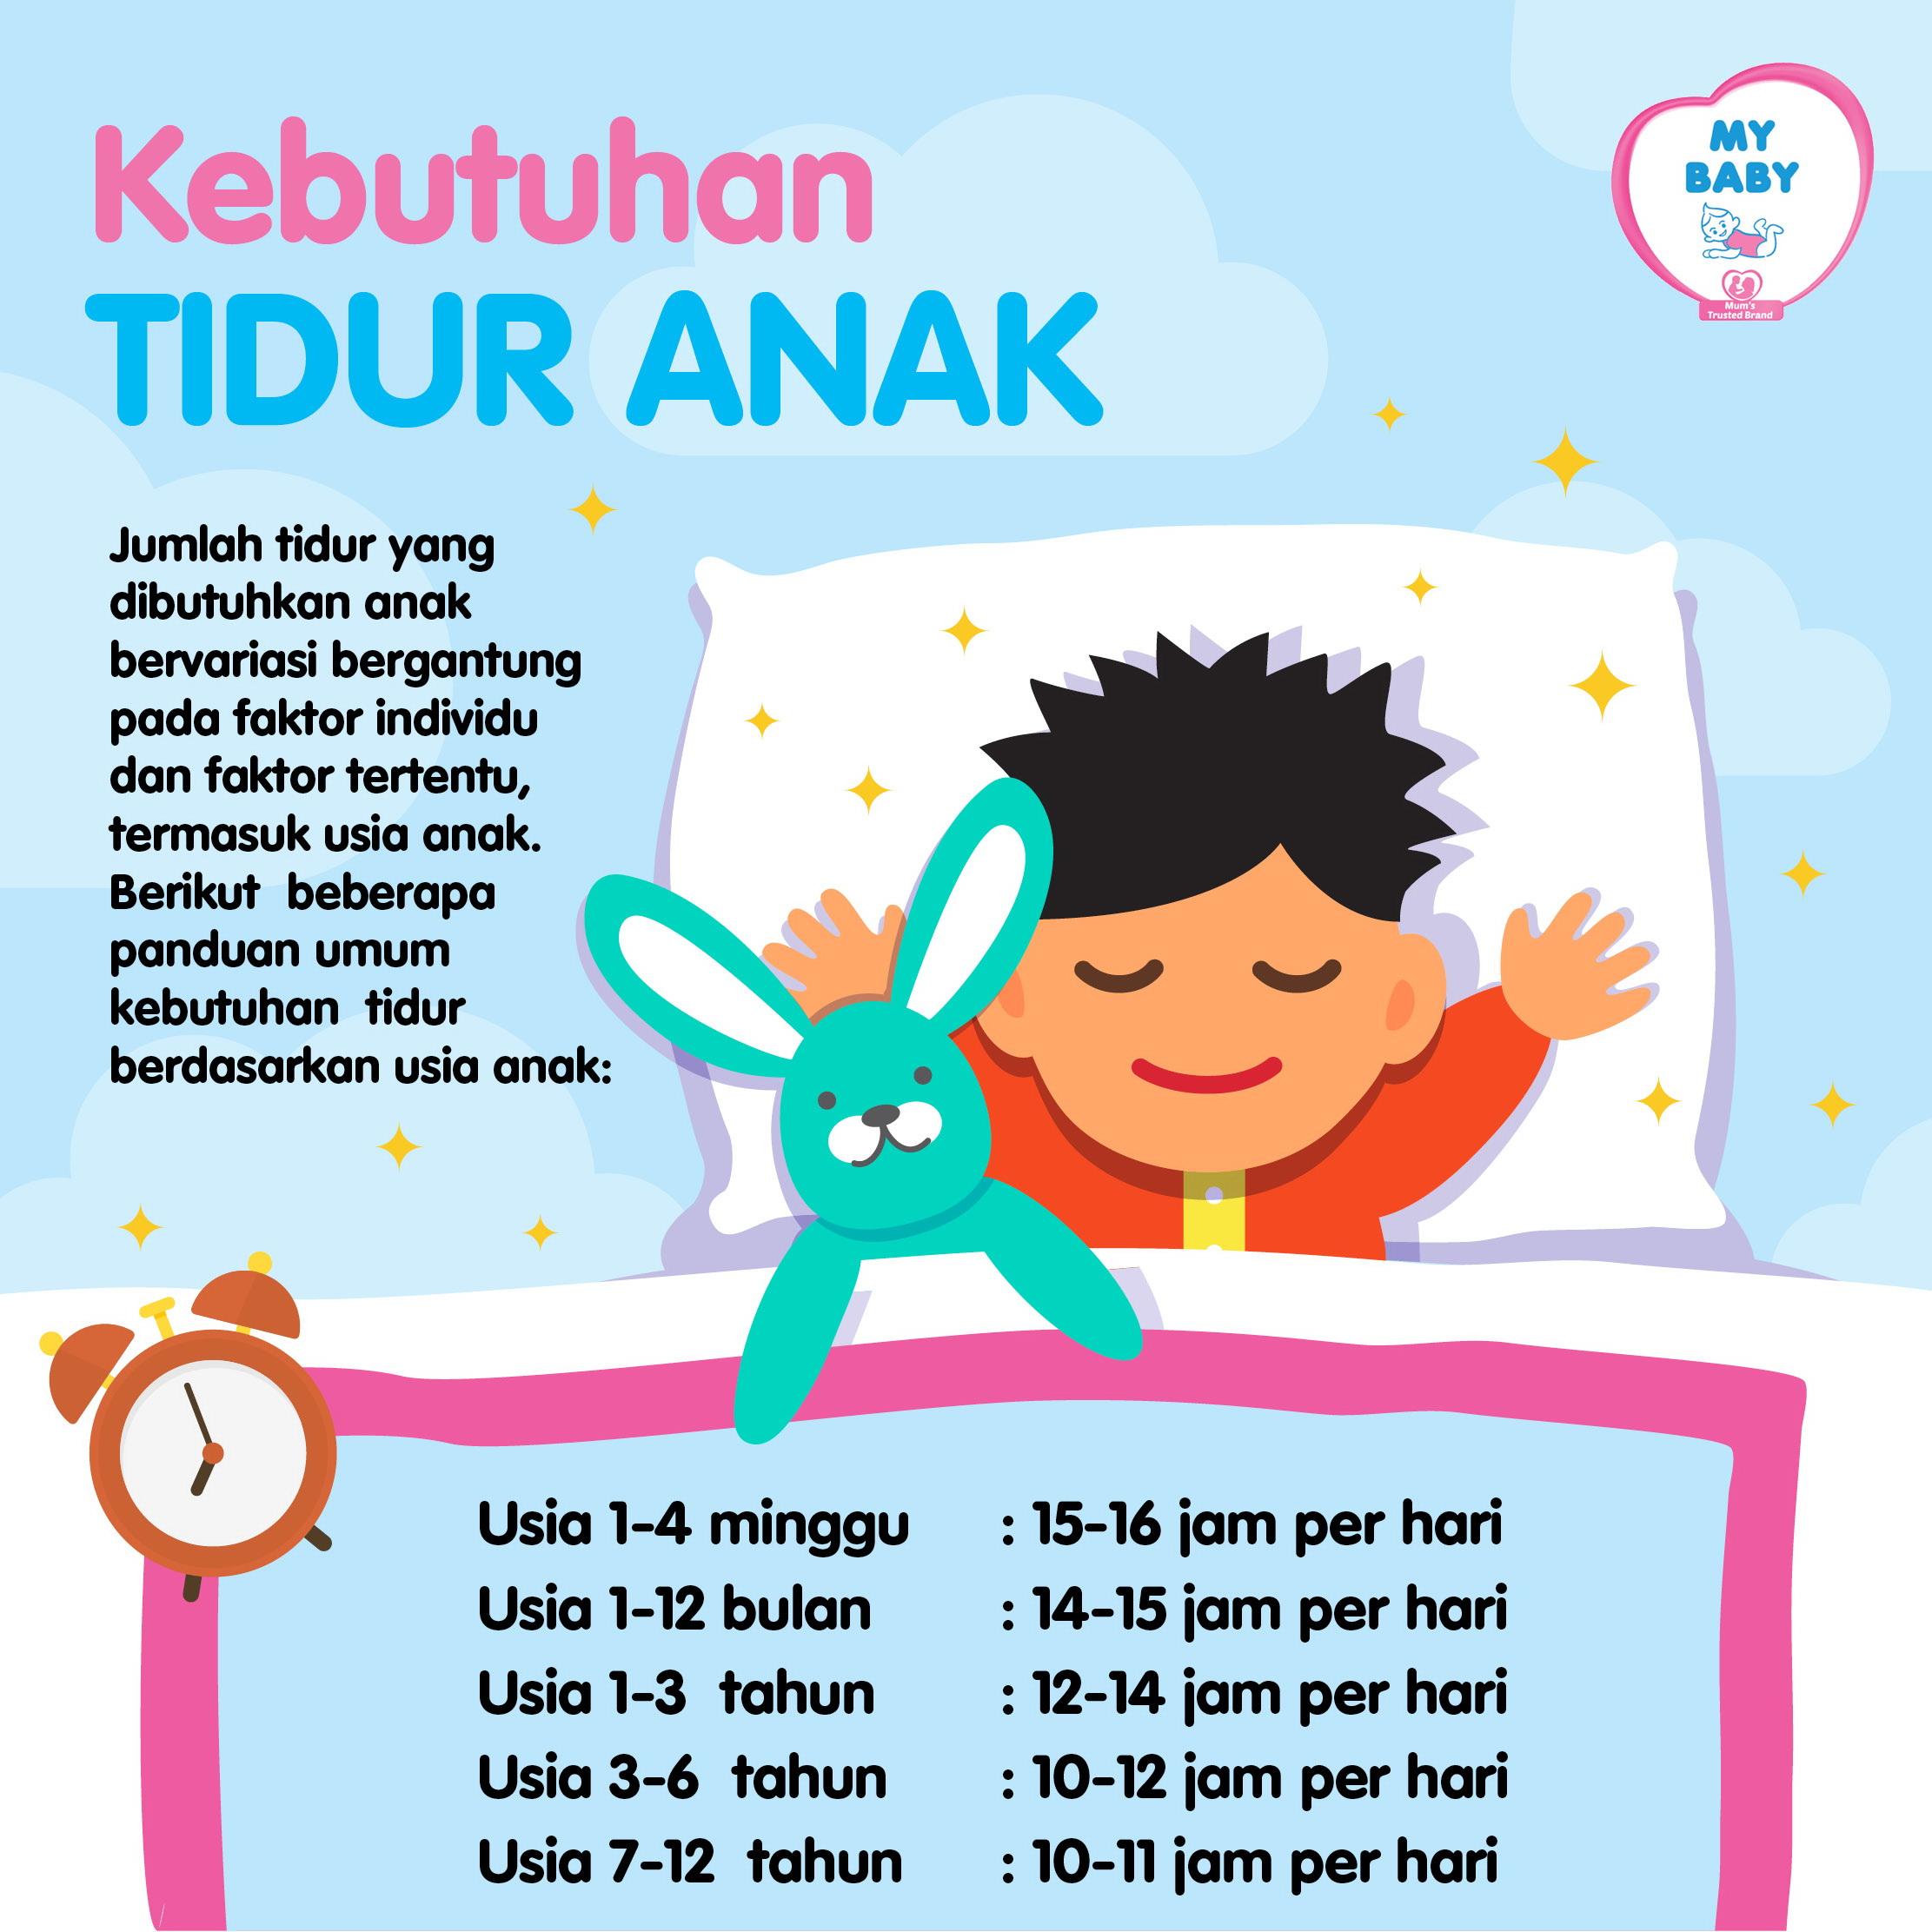 Kebutuhan Tidur Anak - Jam Tidur Anak Sesuai Usianya